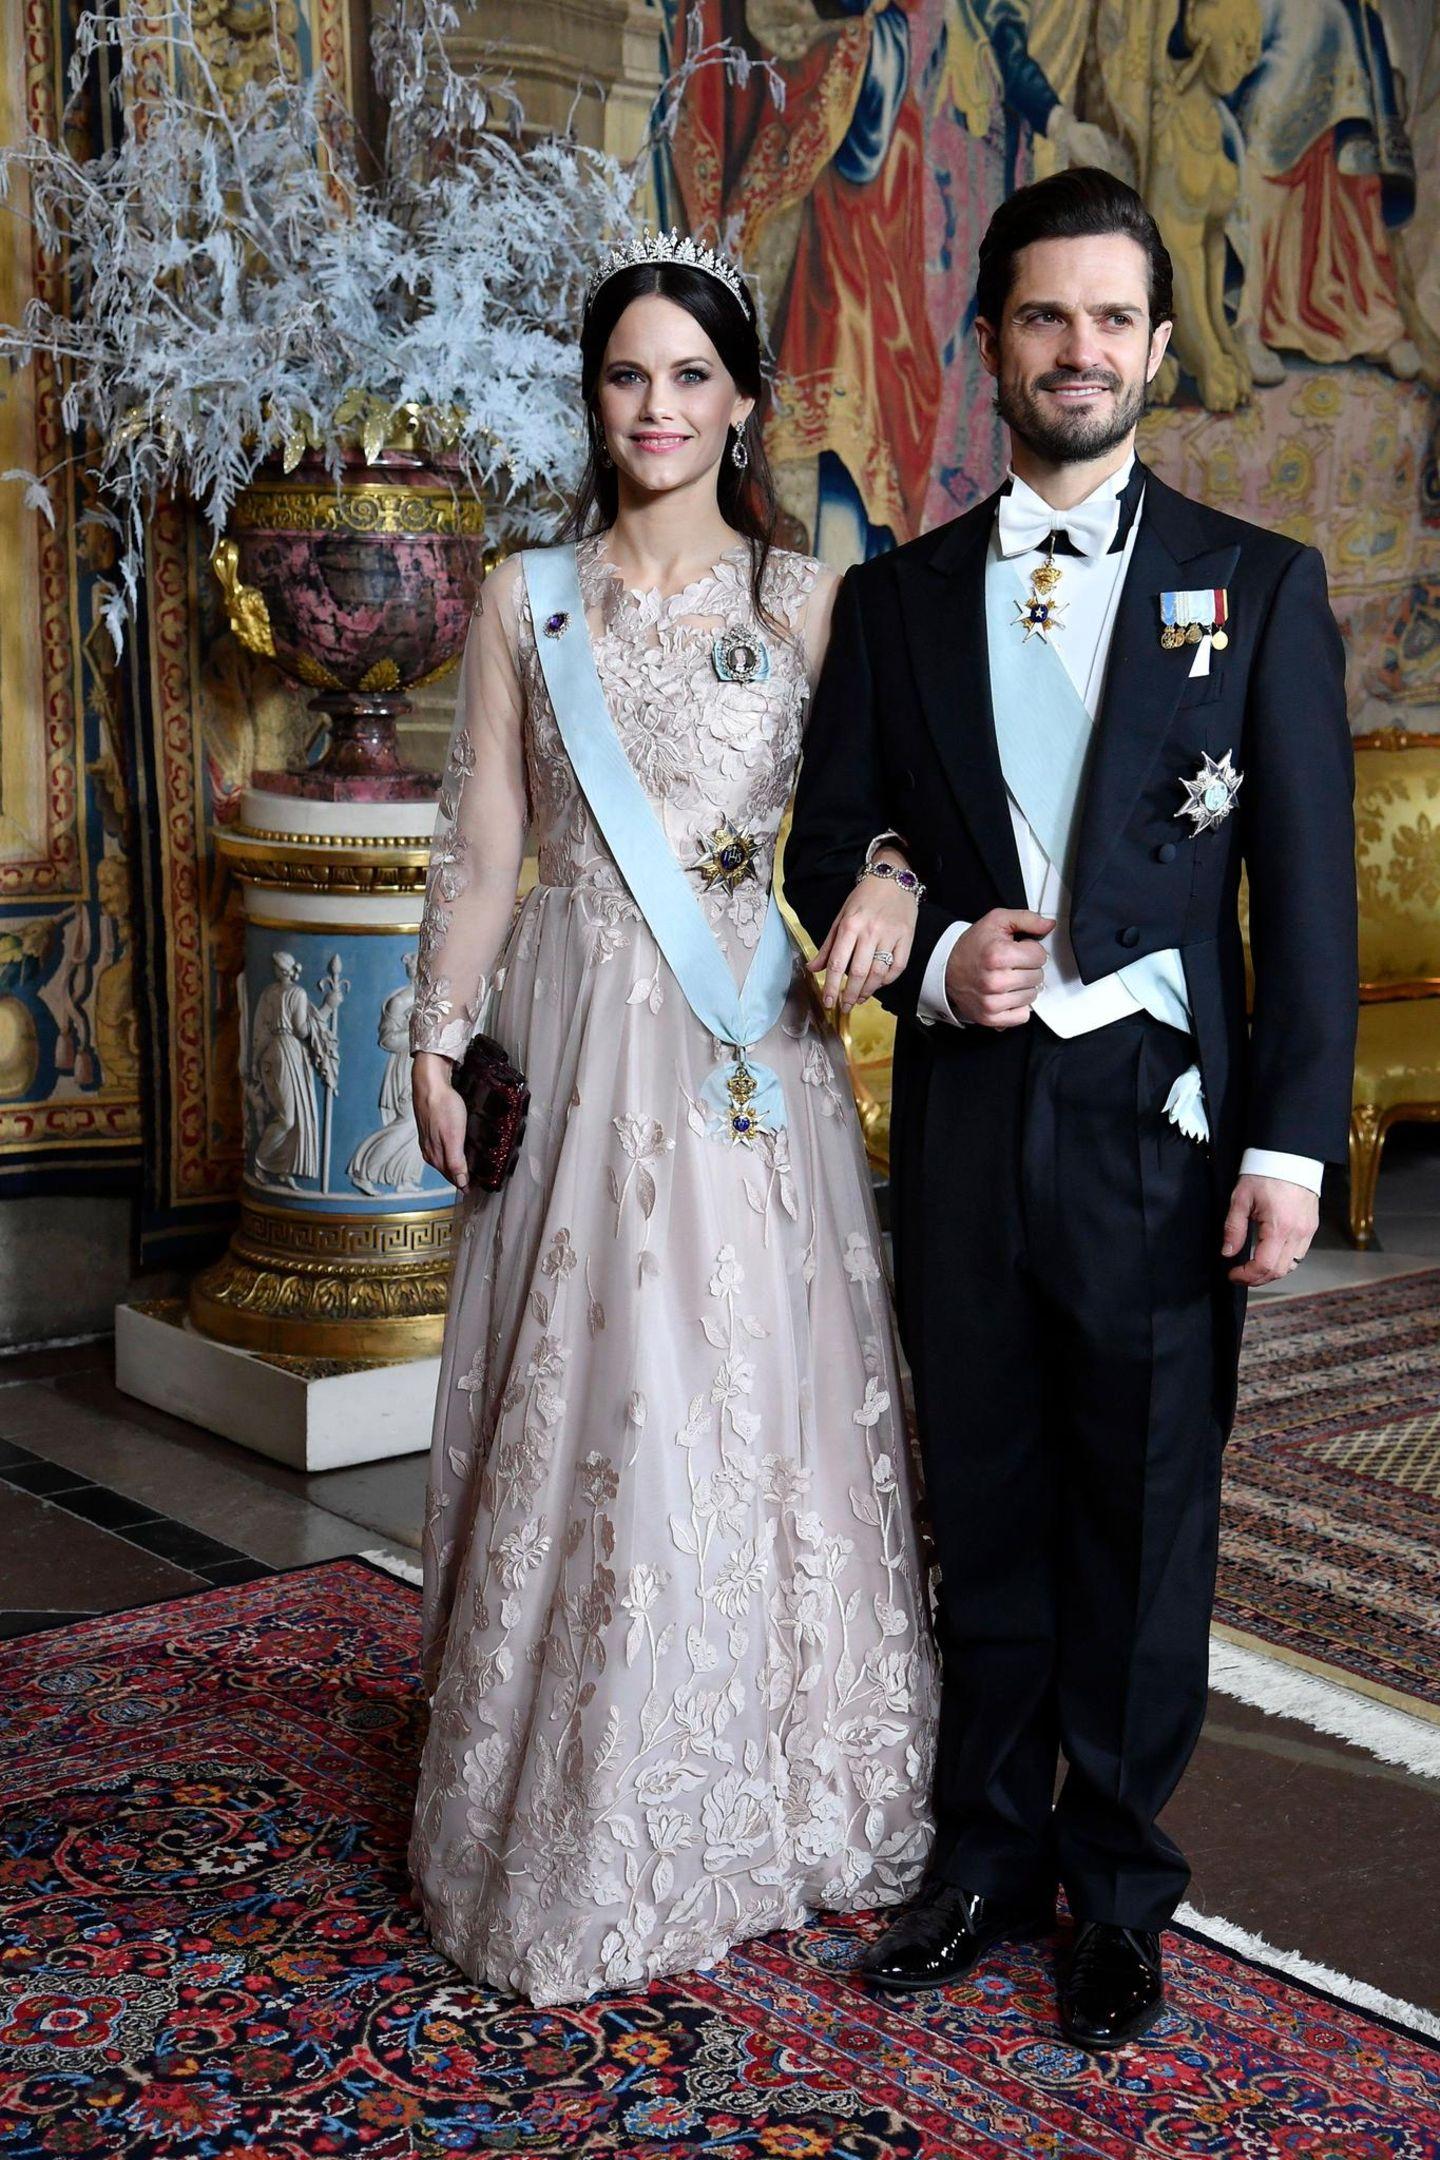 Beim Königsdinner zu Ehren der Nobelpreisträger im Schloss zeigt sich Prinzessin Sofia in einer blassrosa Traumrobe mit Blütenstickereien. Ihr dunkelbraunes Haar trägt sie halb hochgesteckt.